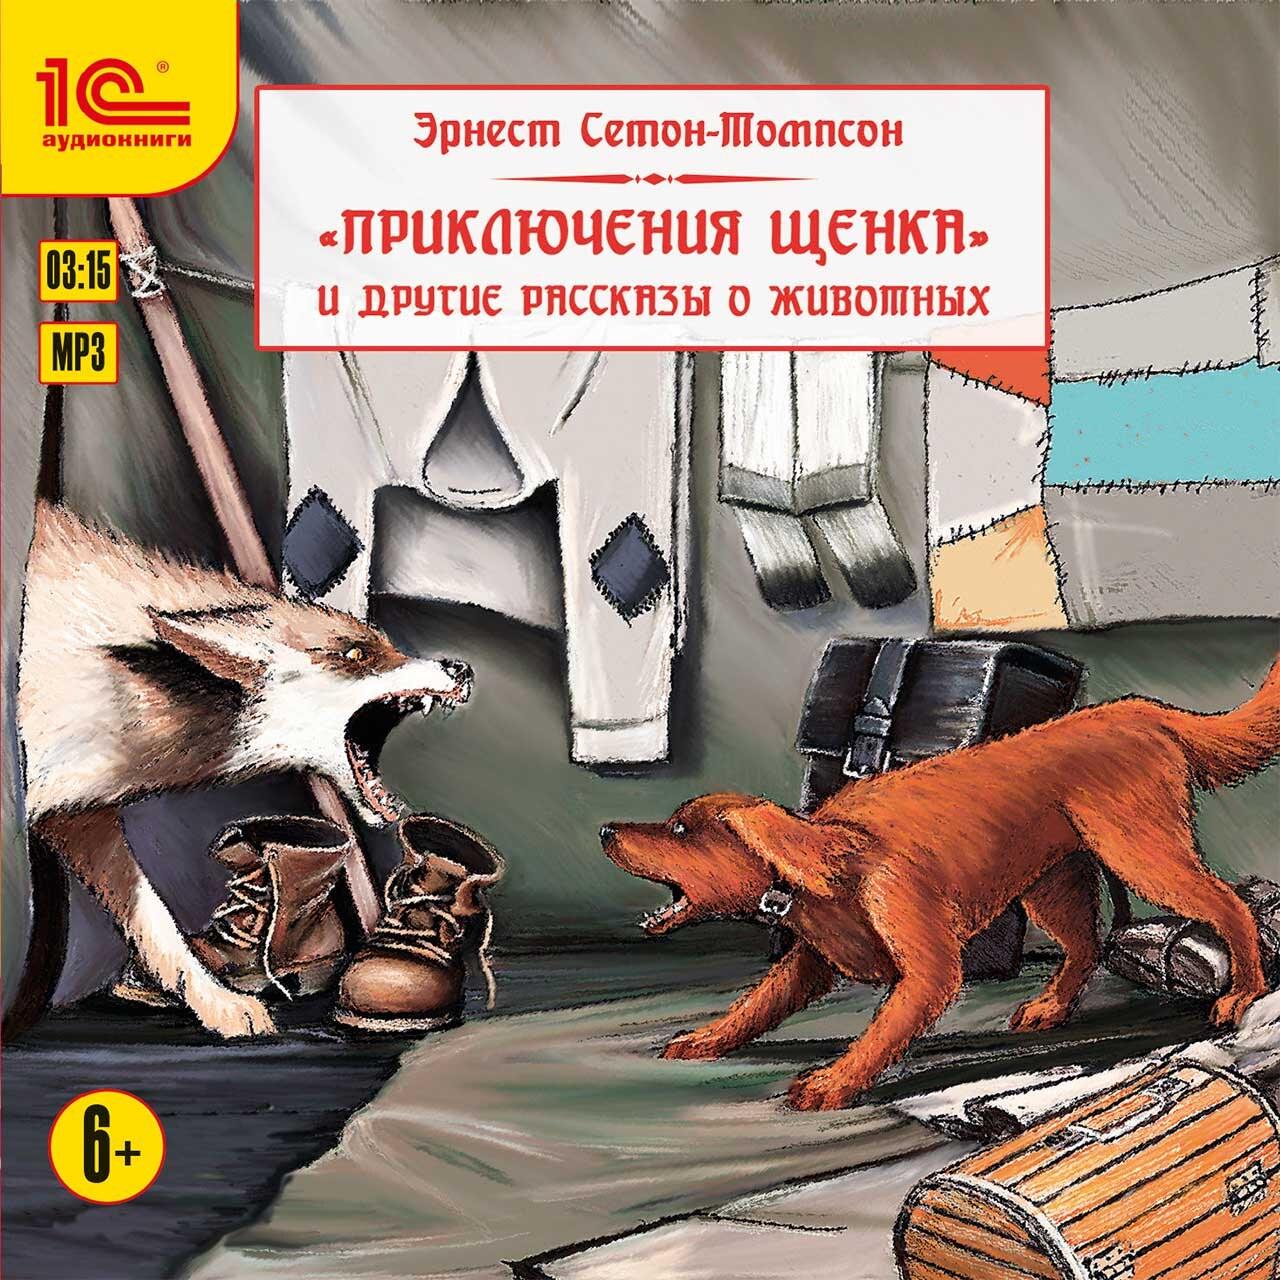 «Приключения щенка» и другие рассказы о животныхПредставляем вашему вниманию аудиокнигу «Приключения щенка» и другие рассказы о животных, в которой собраны рассказы Эрнеста Сетон-Томпсона.<br>